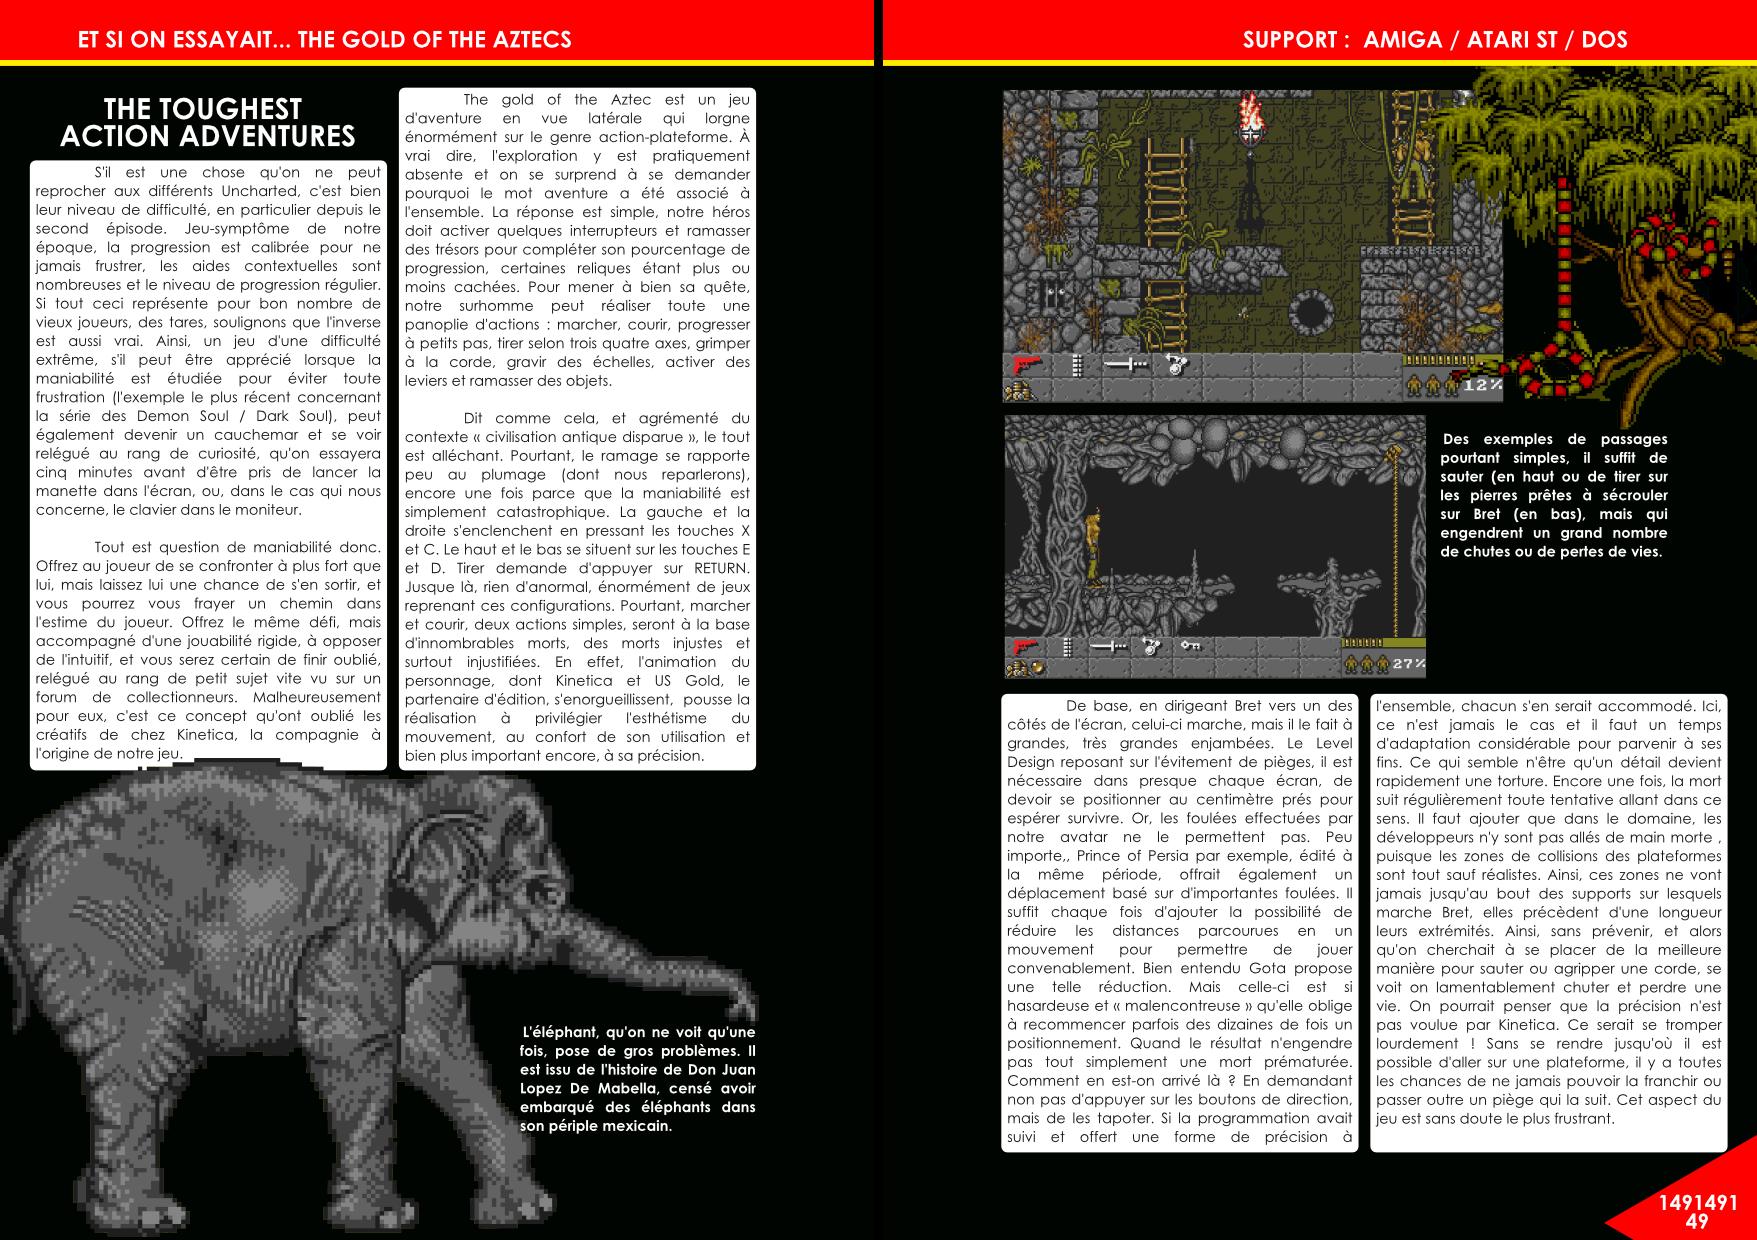 The Gold Of The Aztecs sur Amiga par Kinetica article de Côté Gamers